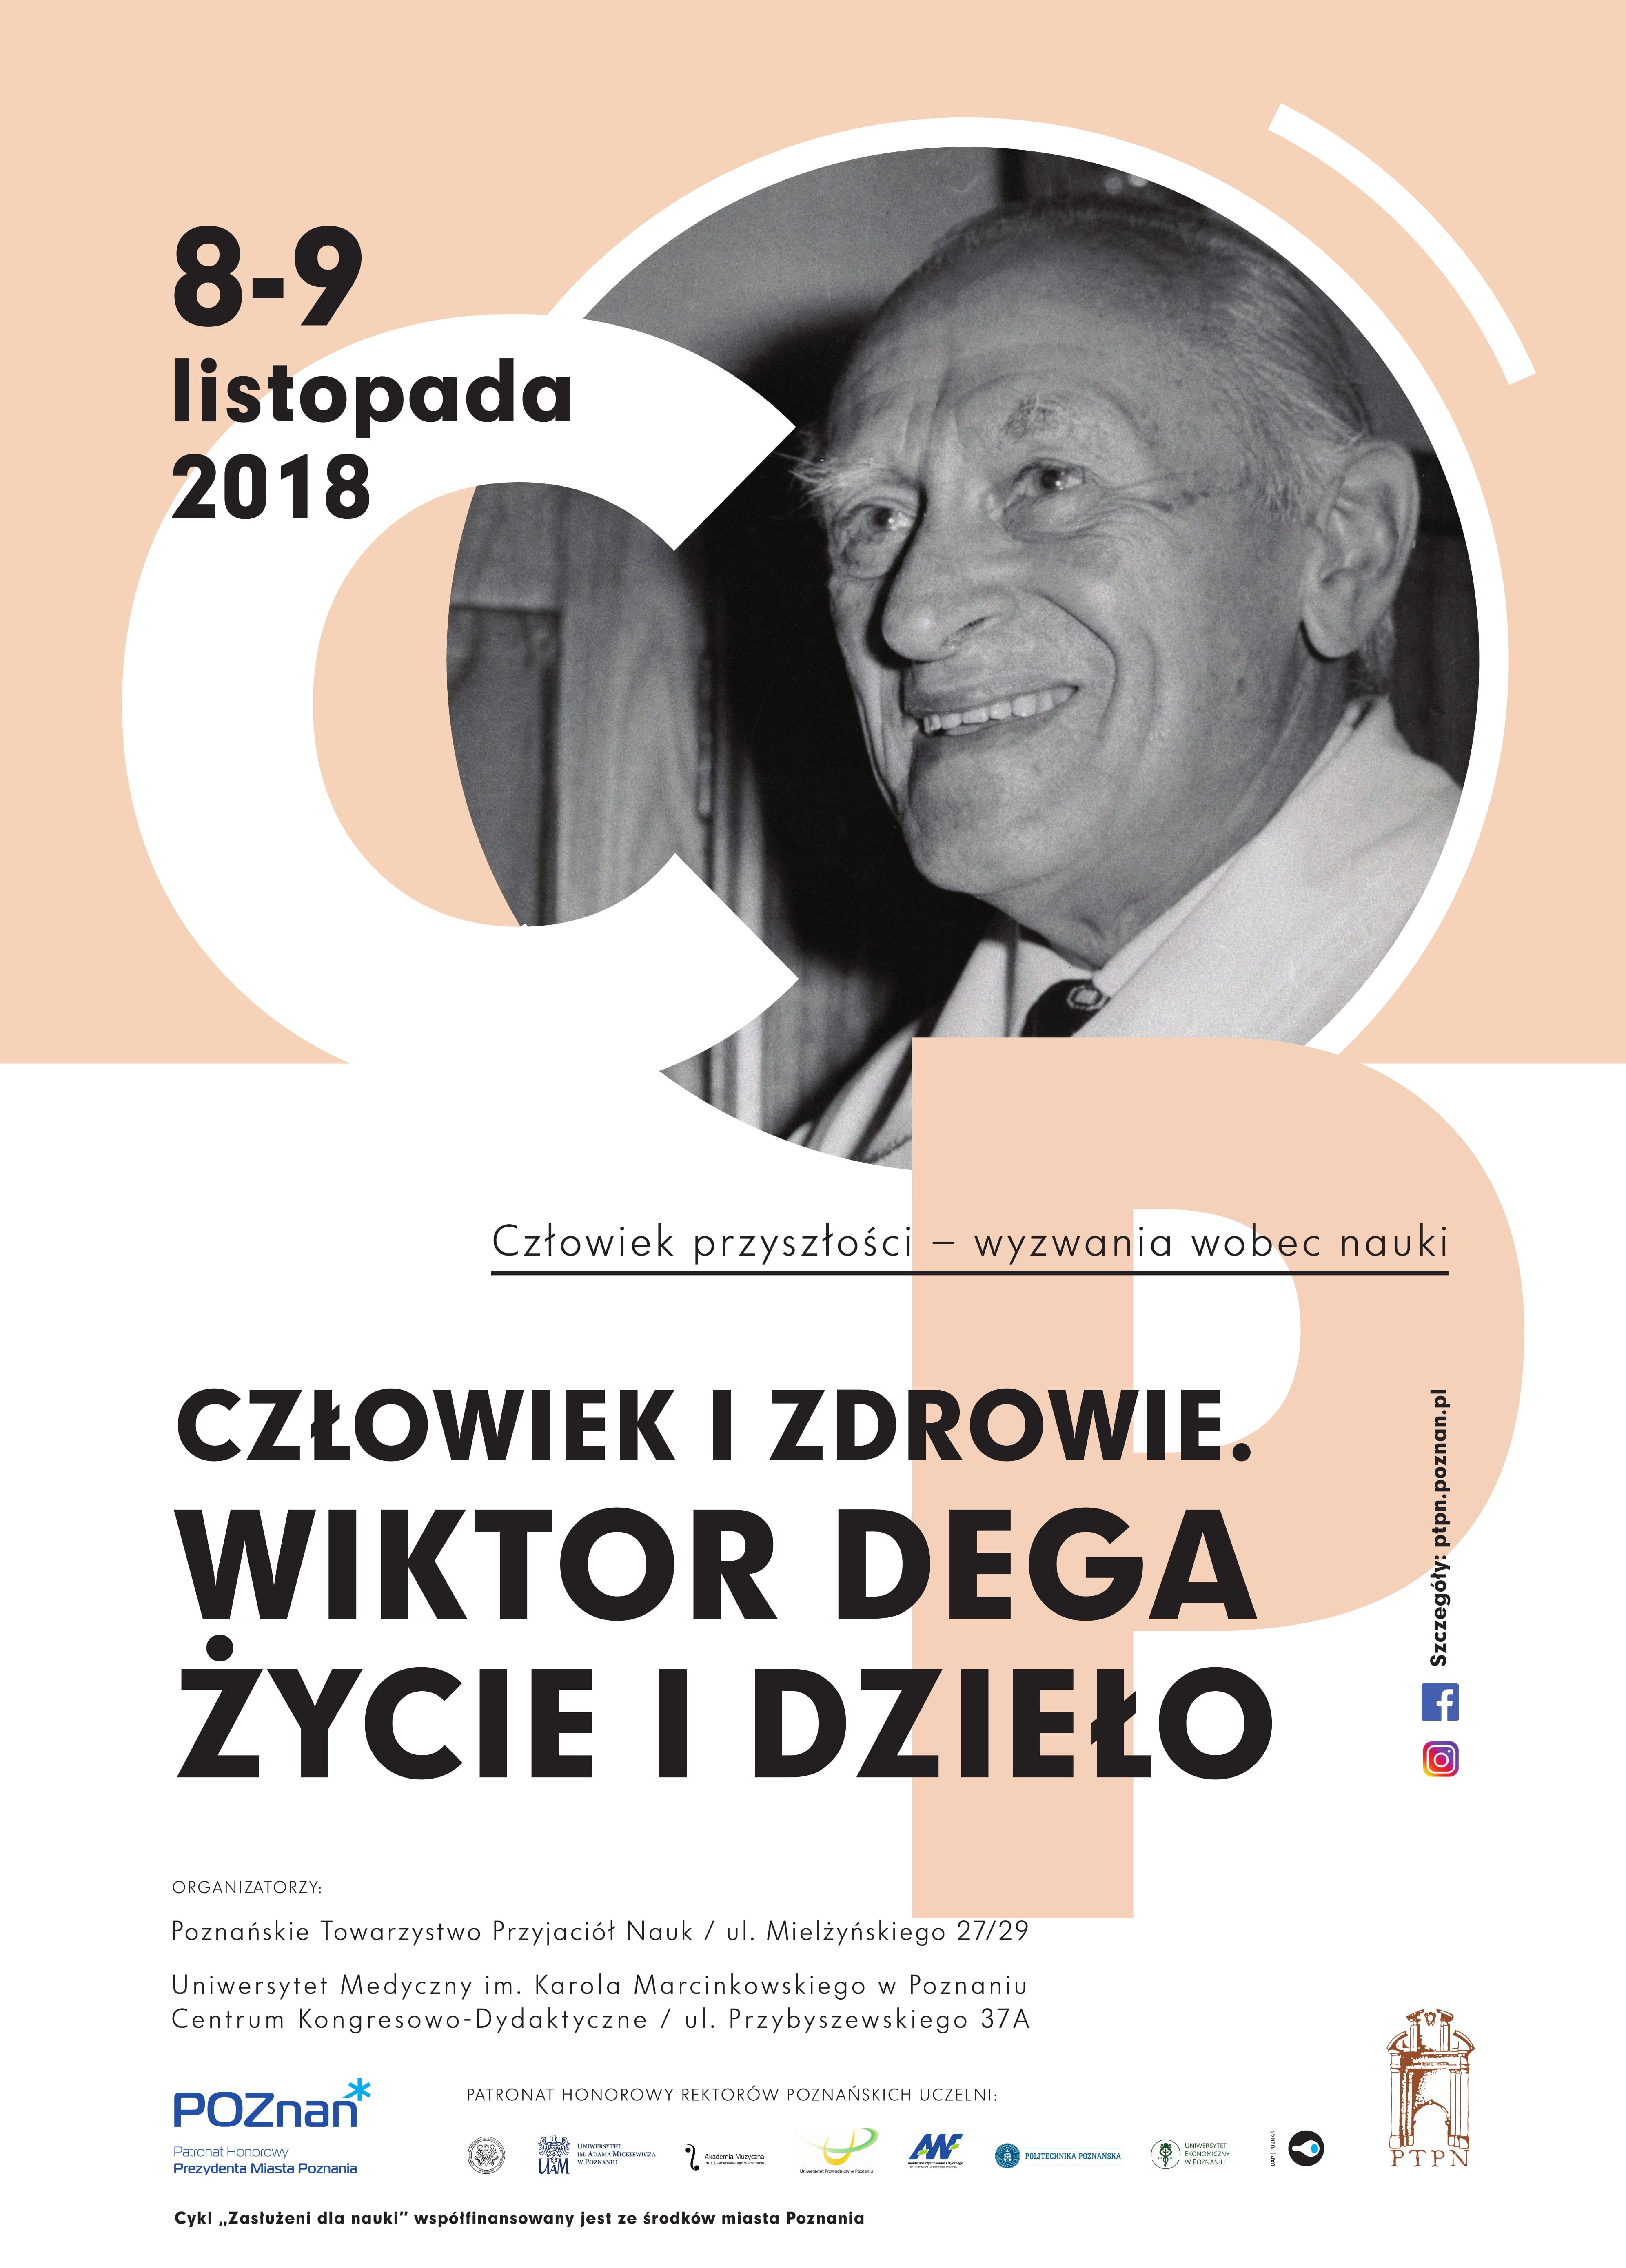 Ogólnopolska Konferencja Naukowa Człowiek i zdrowie. Wiktor Dega – życie i dzieło.